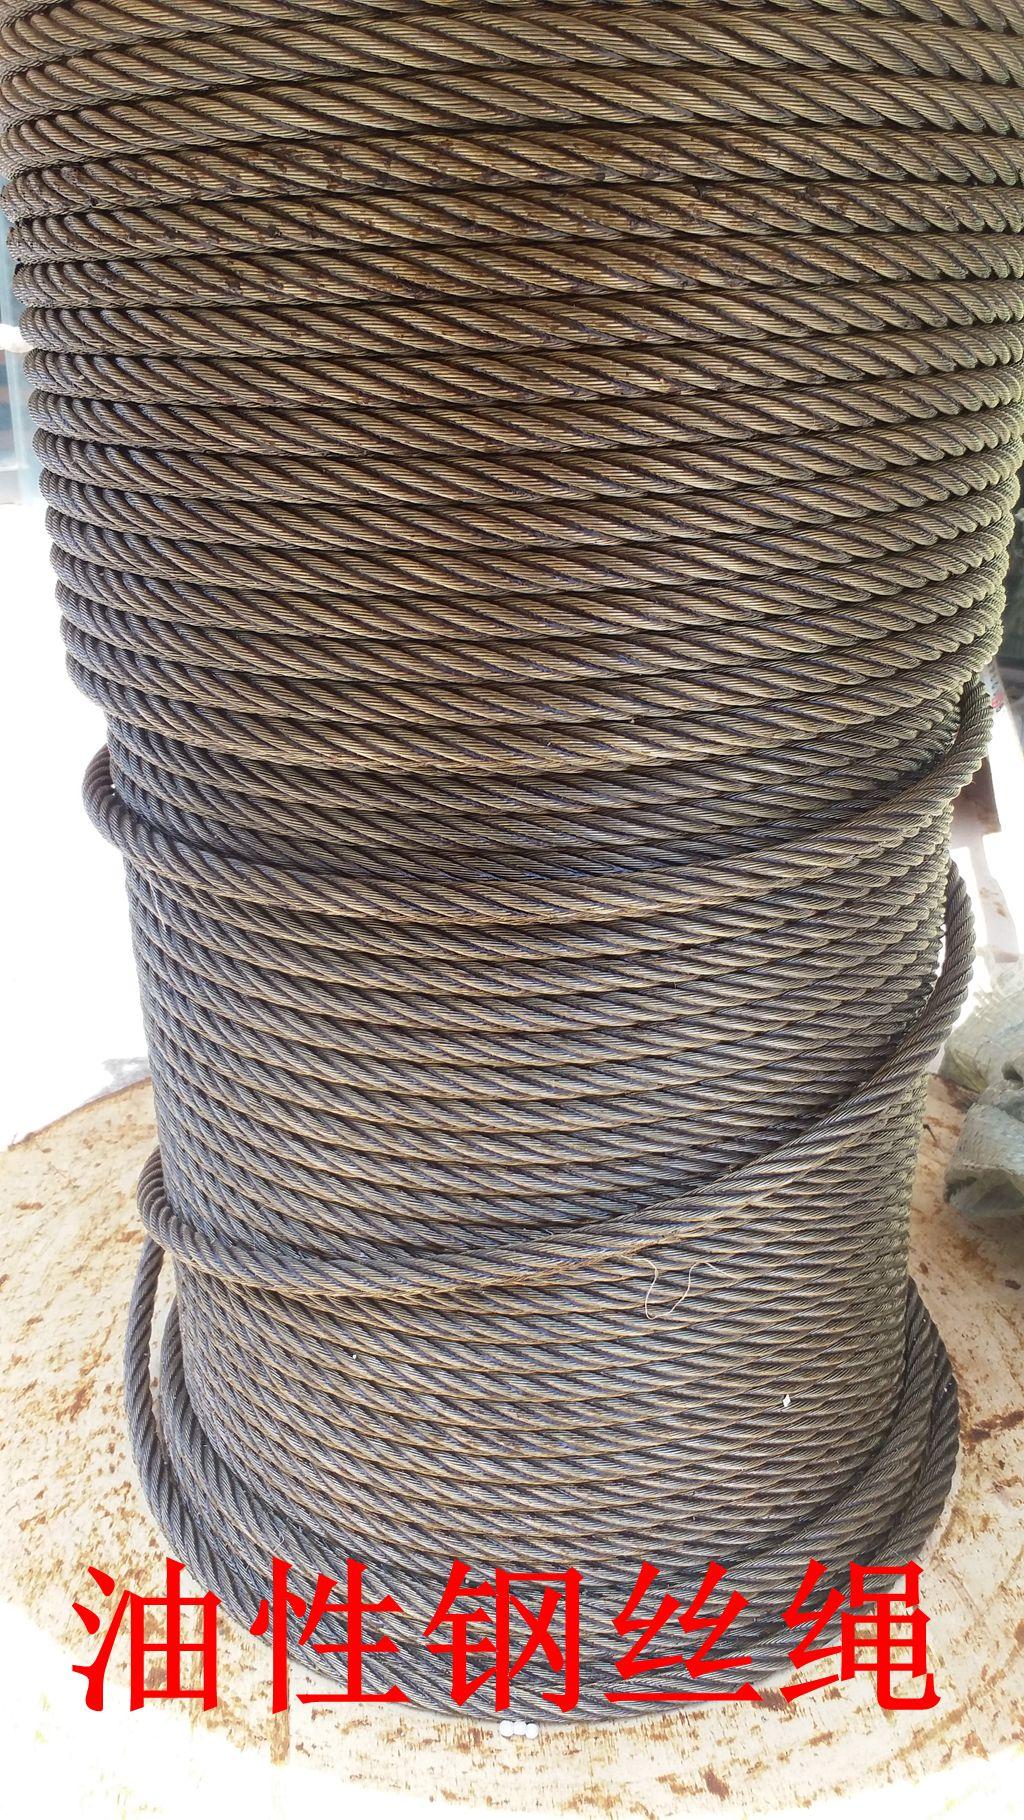 镀锌钢丝绳2MM/3MM/4MM/5MM/6MM/8MM/10MM油性钢丝绳做包塑钢丝绳